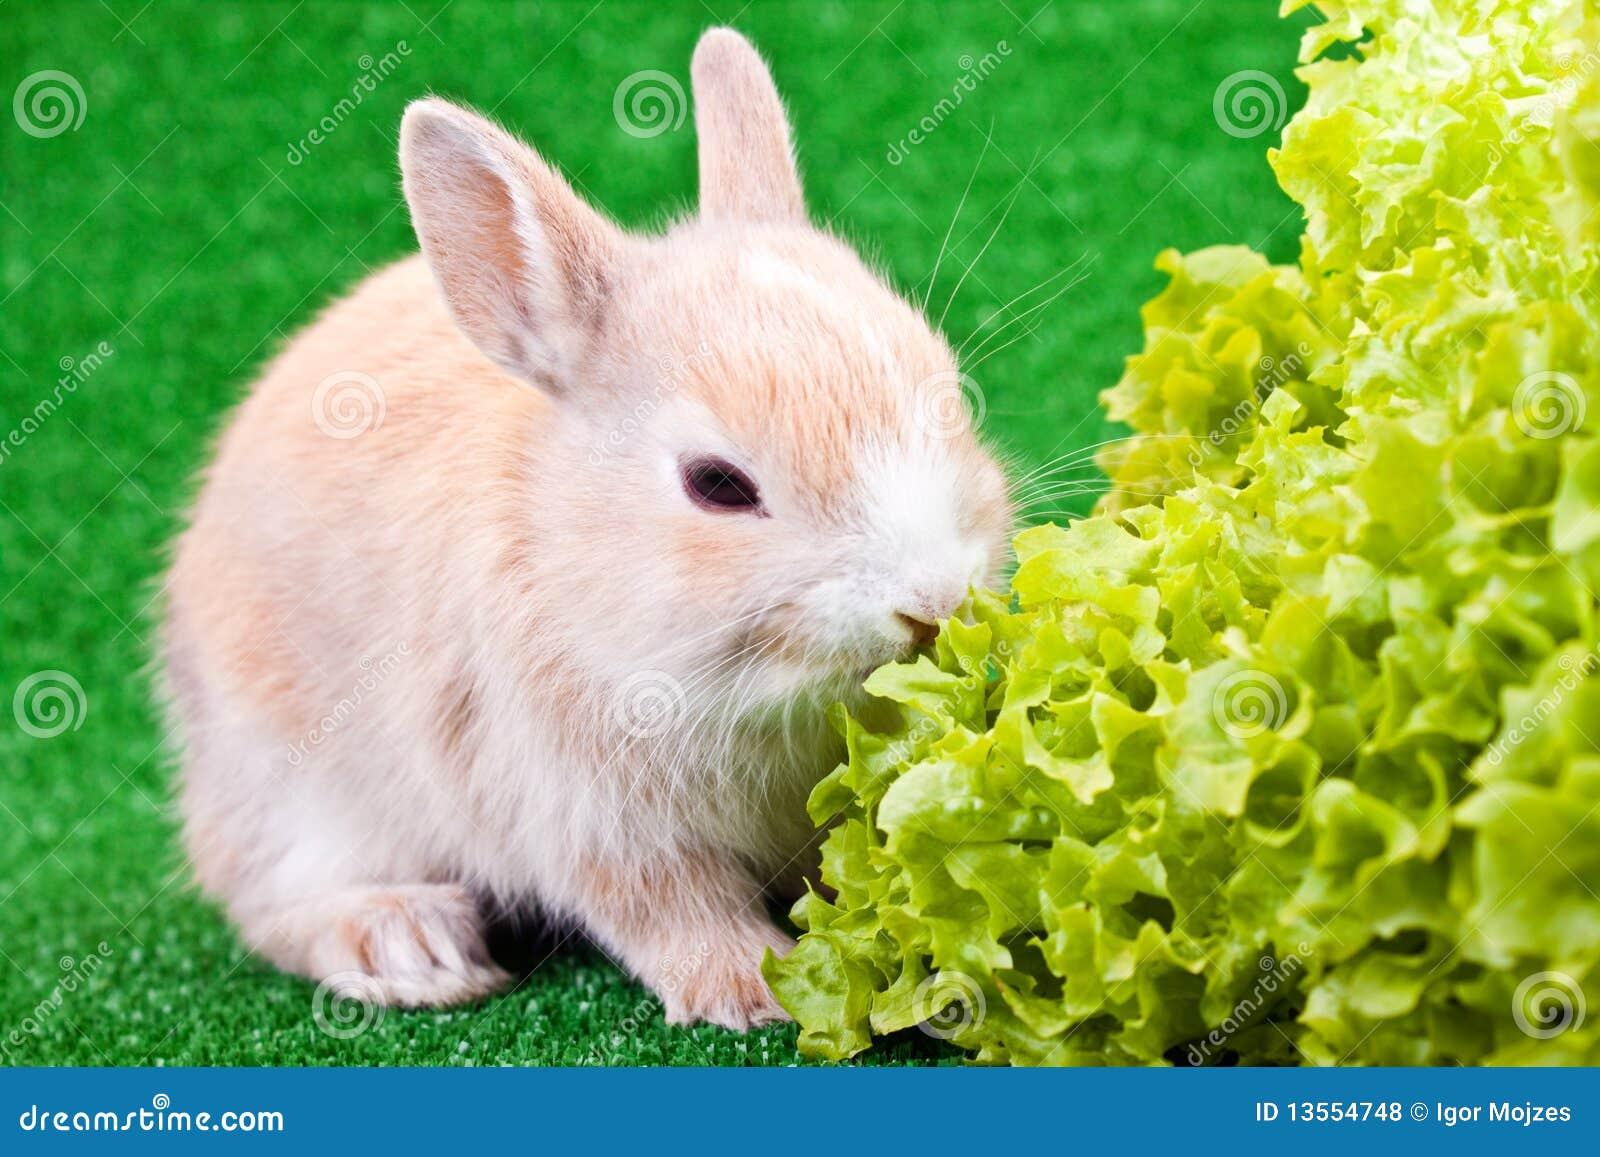 Petits lapin et salade mignons photos libres de droits - Photo de lapin mignon ...